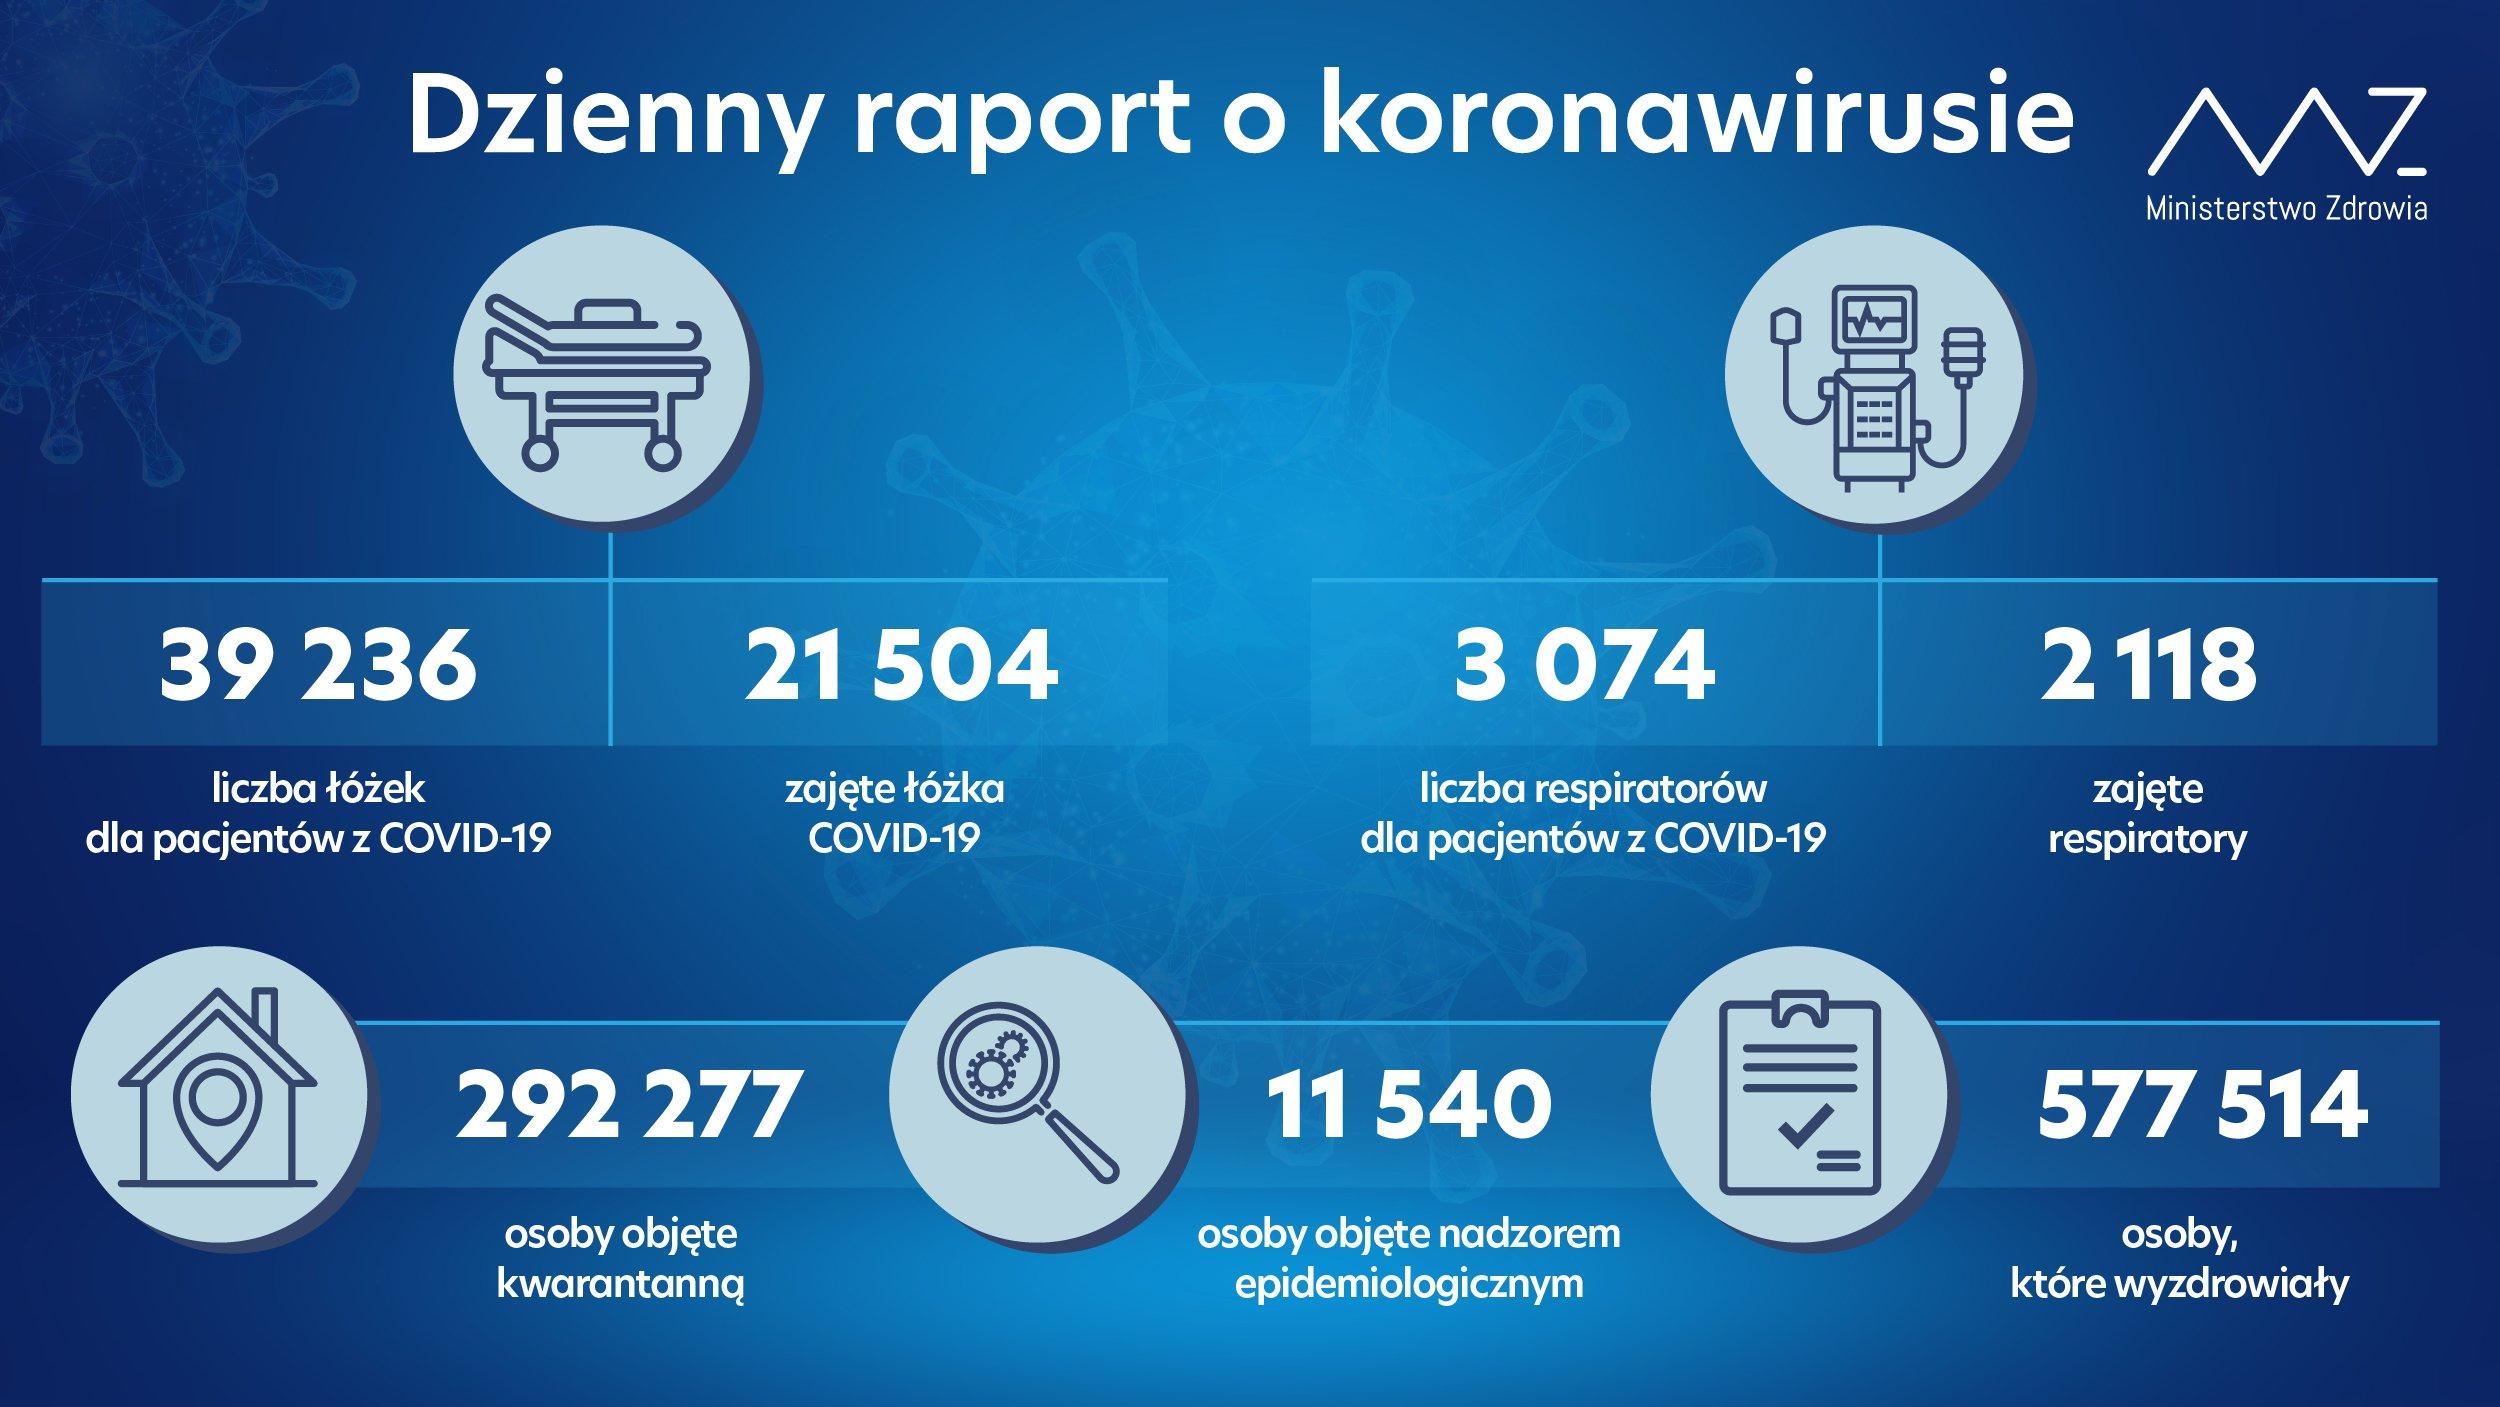 - liczba łóżek dla pacjentów z COVID-19: 39 236 - liczba łóżek zajętych: 21 504 - liczba respiratorów dla pacjentów z COVID-19: 3 074 - liczba zajętych respiratorów: 2 118  - liczba osób objętych kwarantanną: 292 277 - liczba osób objętych nadzorem sanitarno-epidemiologicznym: 11 540 - liczba osób, które wyzdrowiały: 577 514